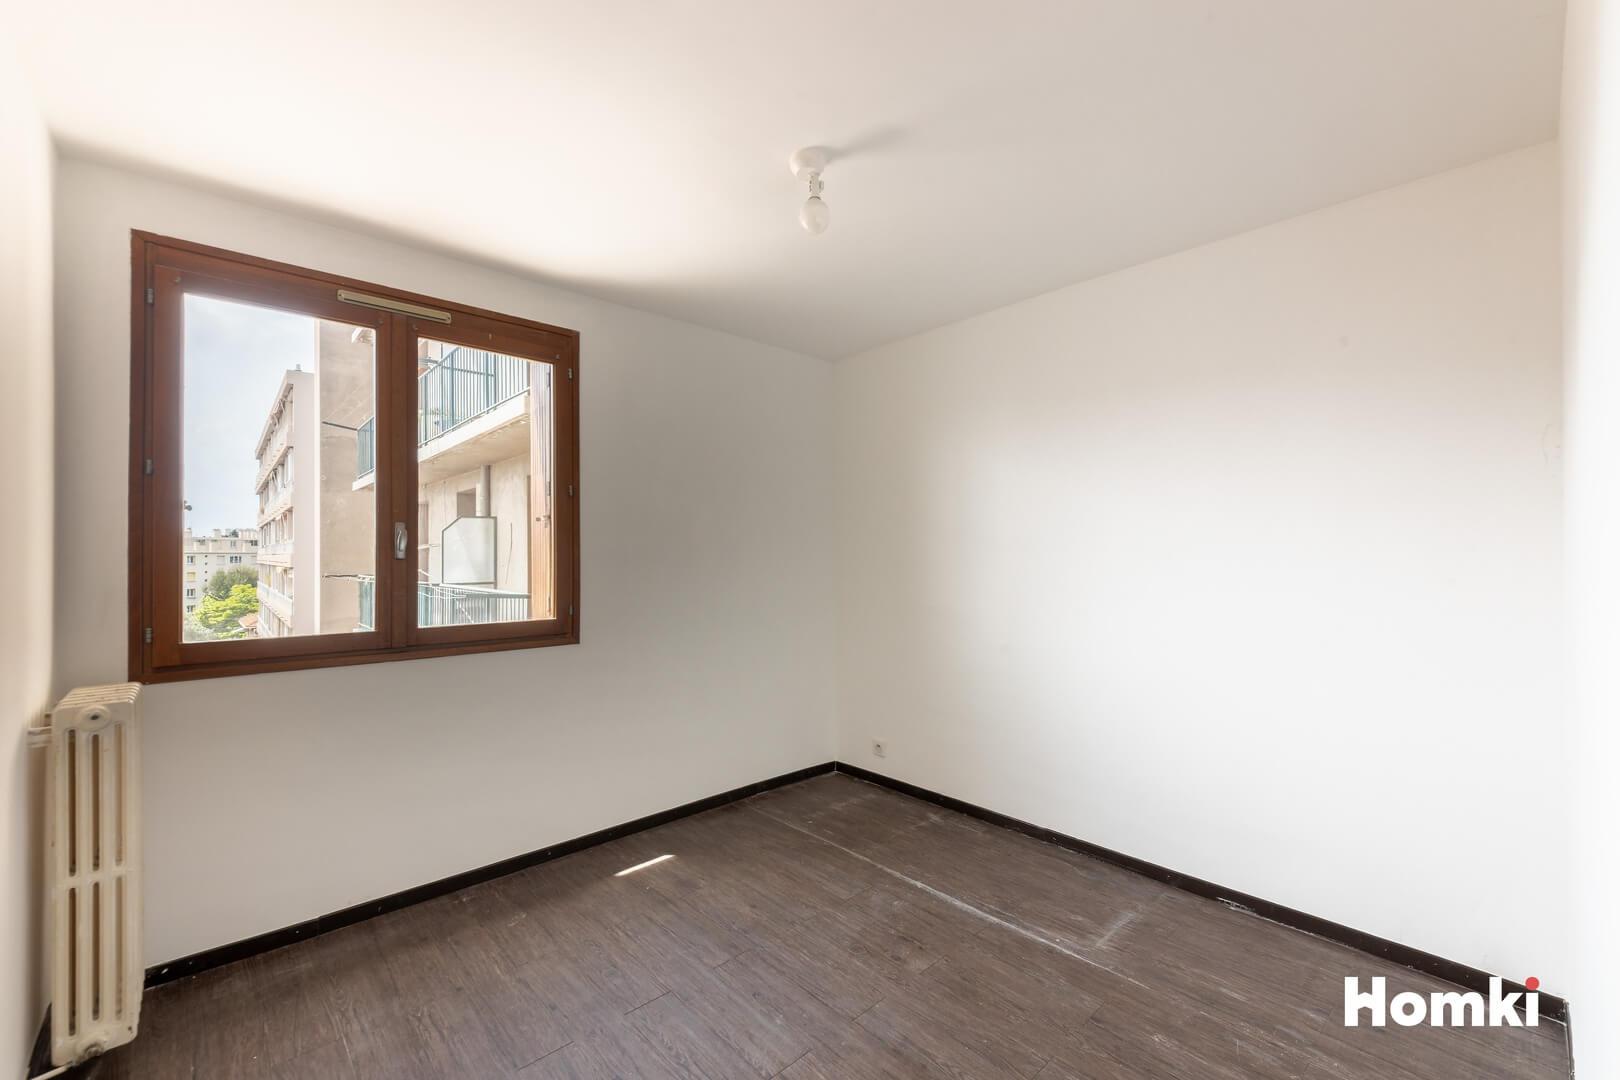 Homki - Vente Appartement  de 43.0 m² à Marseille 13013